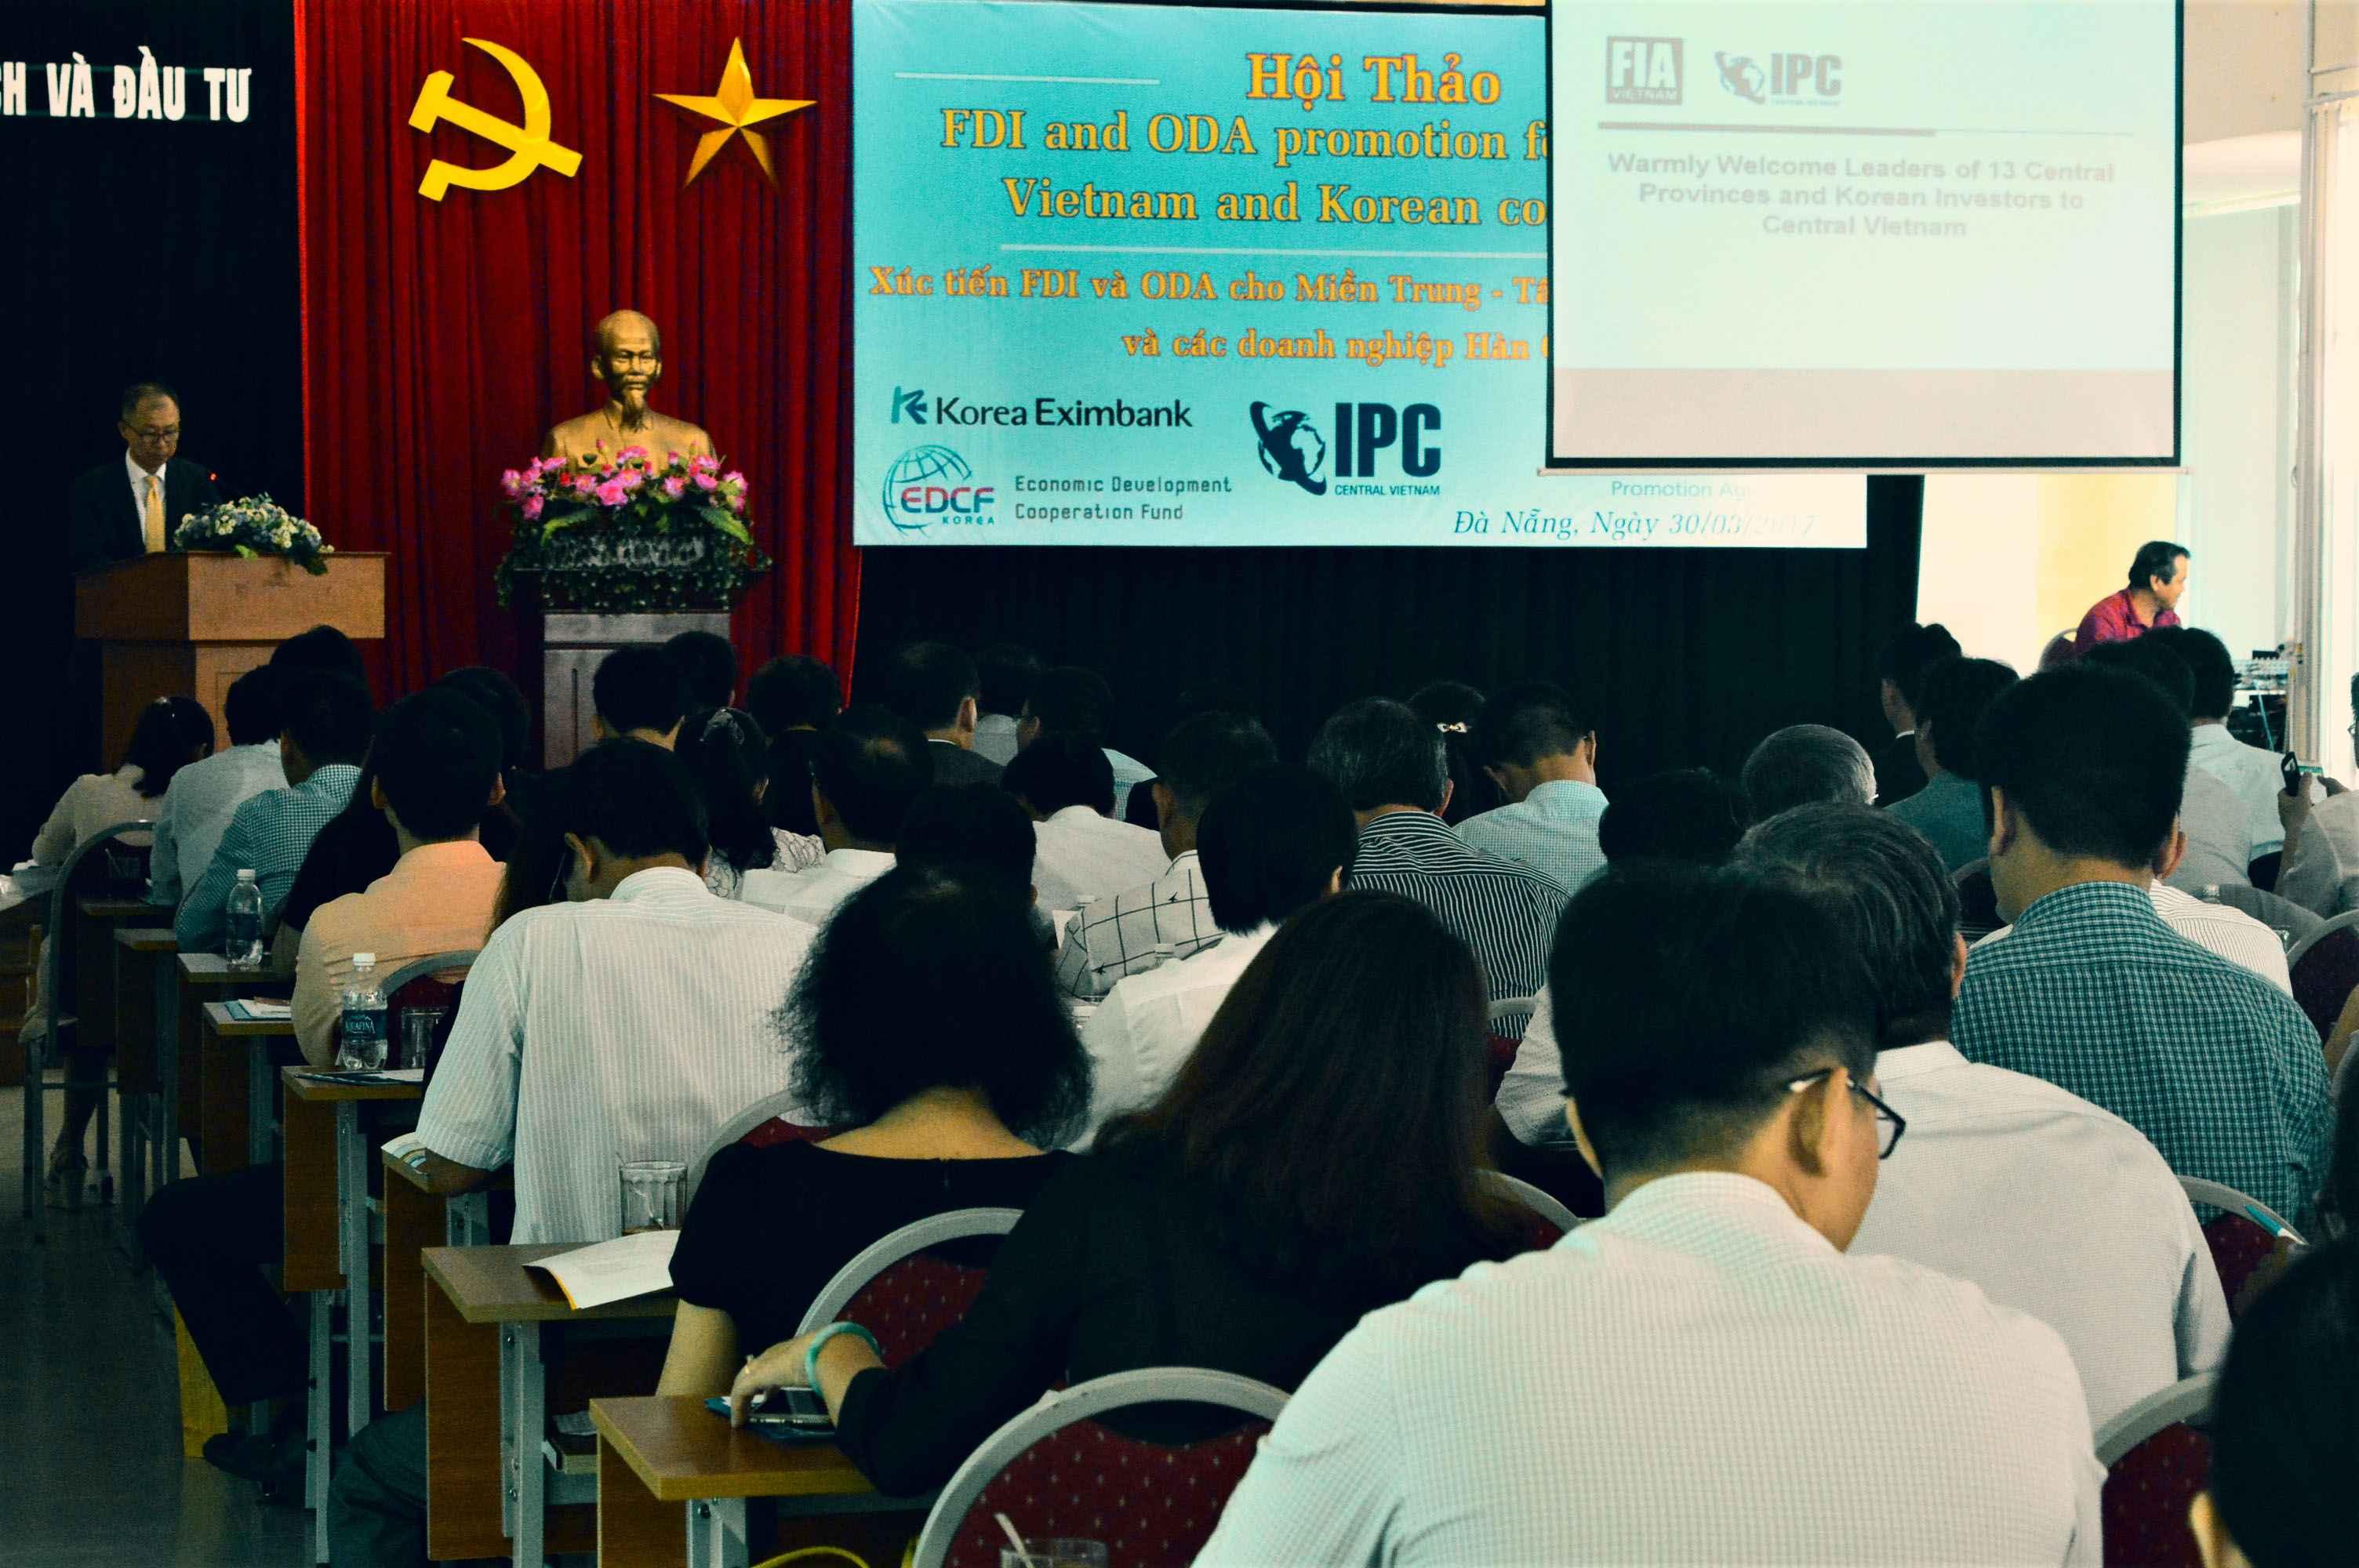 Hội thảo quy tụ đại diện của 13 địa phương trong khu vực miền Trung - Tây Nguyên và 25 nhà đầu tư lớn đến từ Hàn Quốc. Ảnh: Q.T